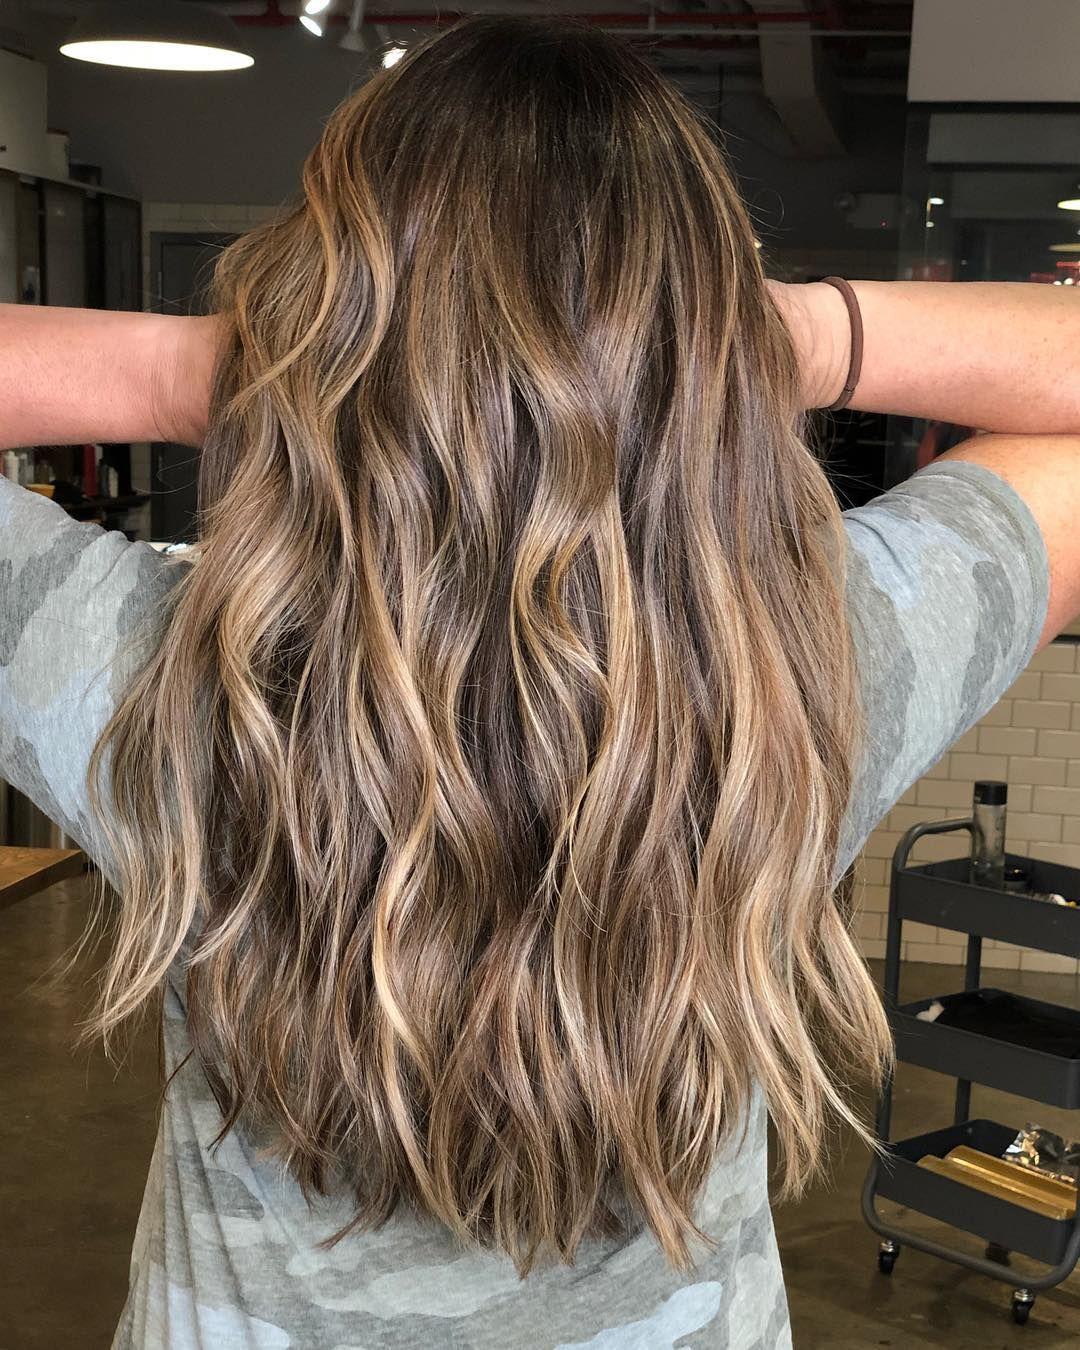 Schöne Haare: Mit diesem Trick sieht deine Haarfarbe sofort viel besser aus